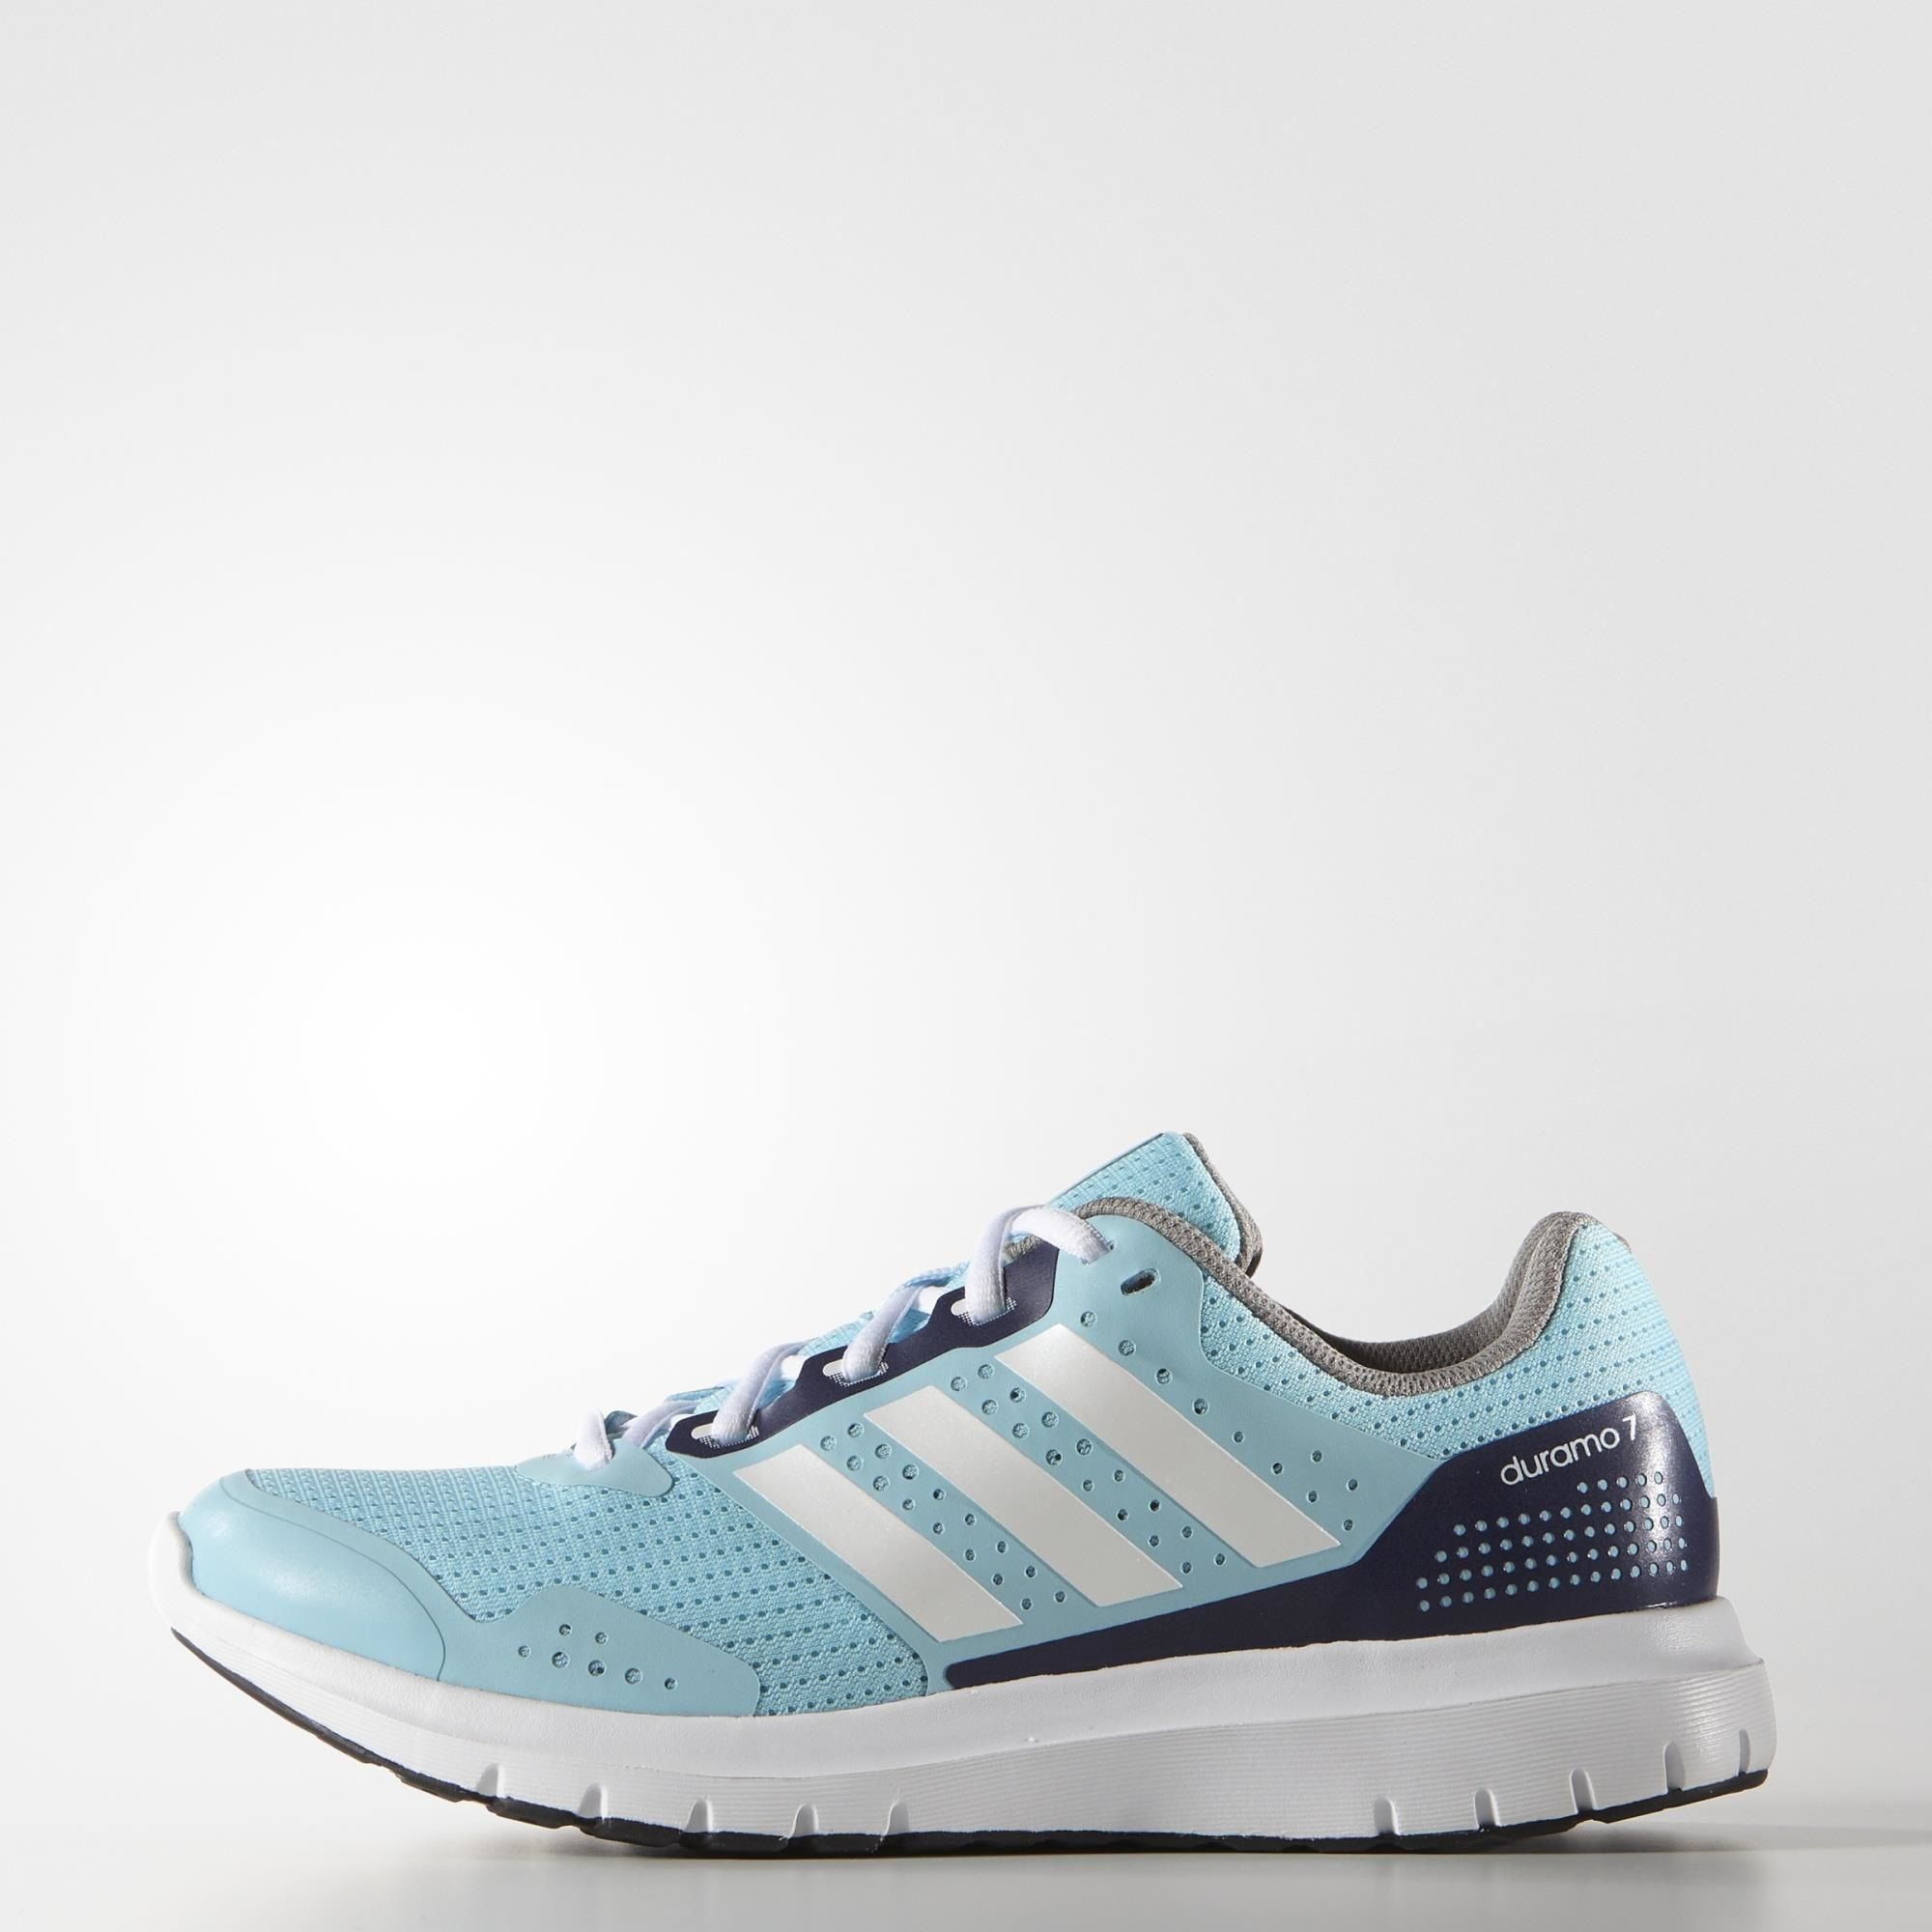 71b2940b47 adidas Duramo 7 Shoes - Multicolor | adidas US | Wish List | Adidas ...